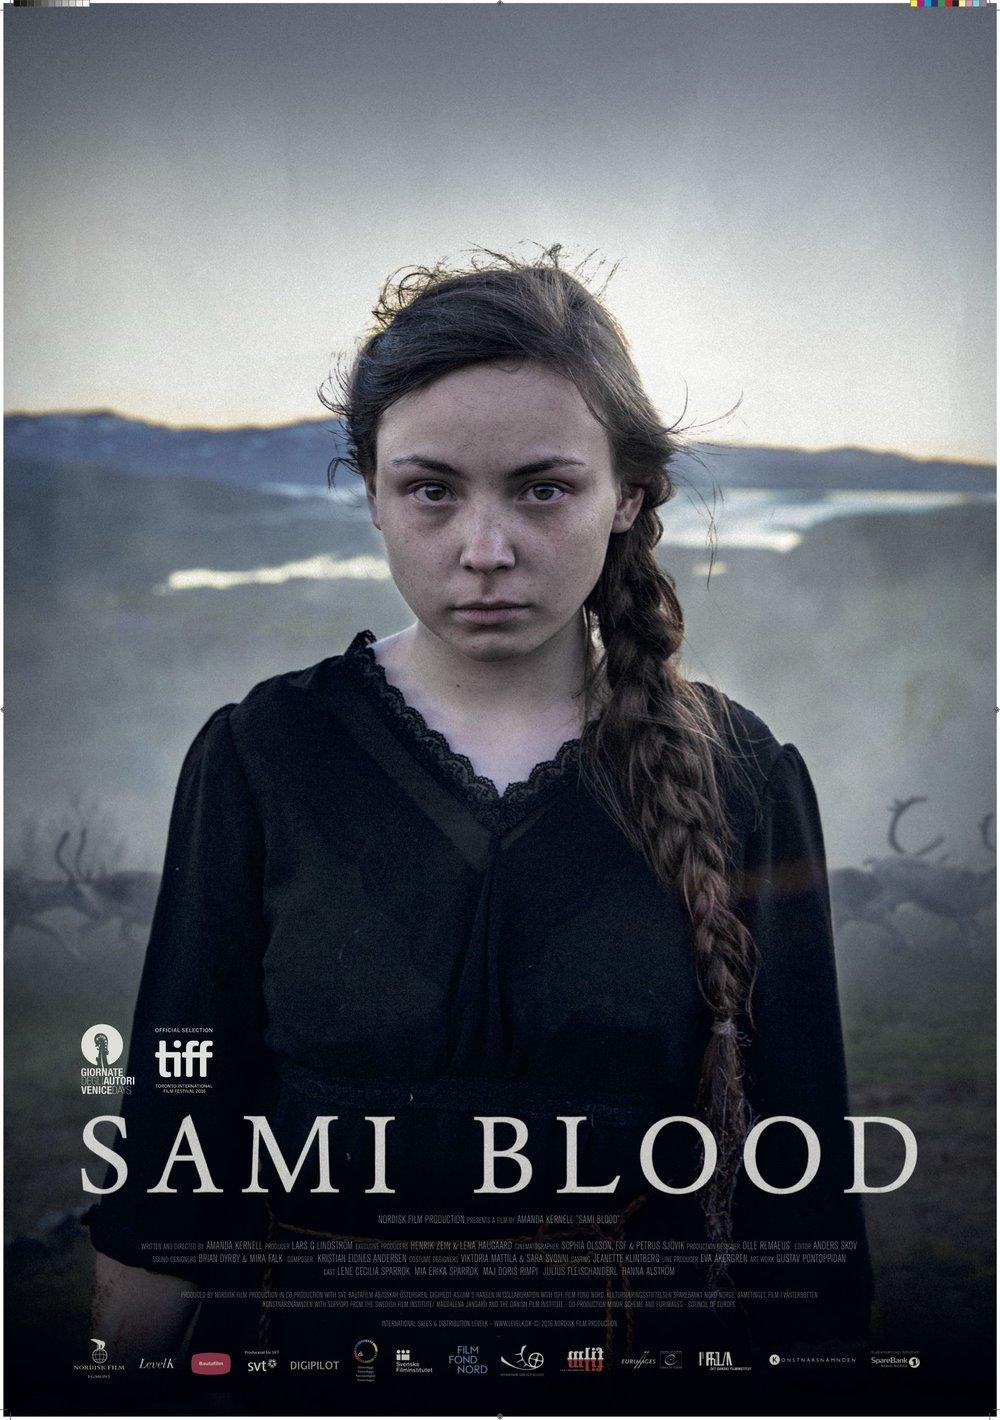 萨米之血    14岁的Elle Marja是一个以饲养驯鹿为生的萨米族女孩。20世纪30年代,在深深地感受到了种族歧视并在寄宿学校里遭遇了种族检视后,她开始梦想过上新的生活。为了实现这一梦想,她必须成为另一个人,并且割断与她的家族、她的文化之间的一切联系……  阅读更多